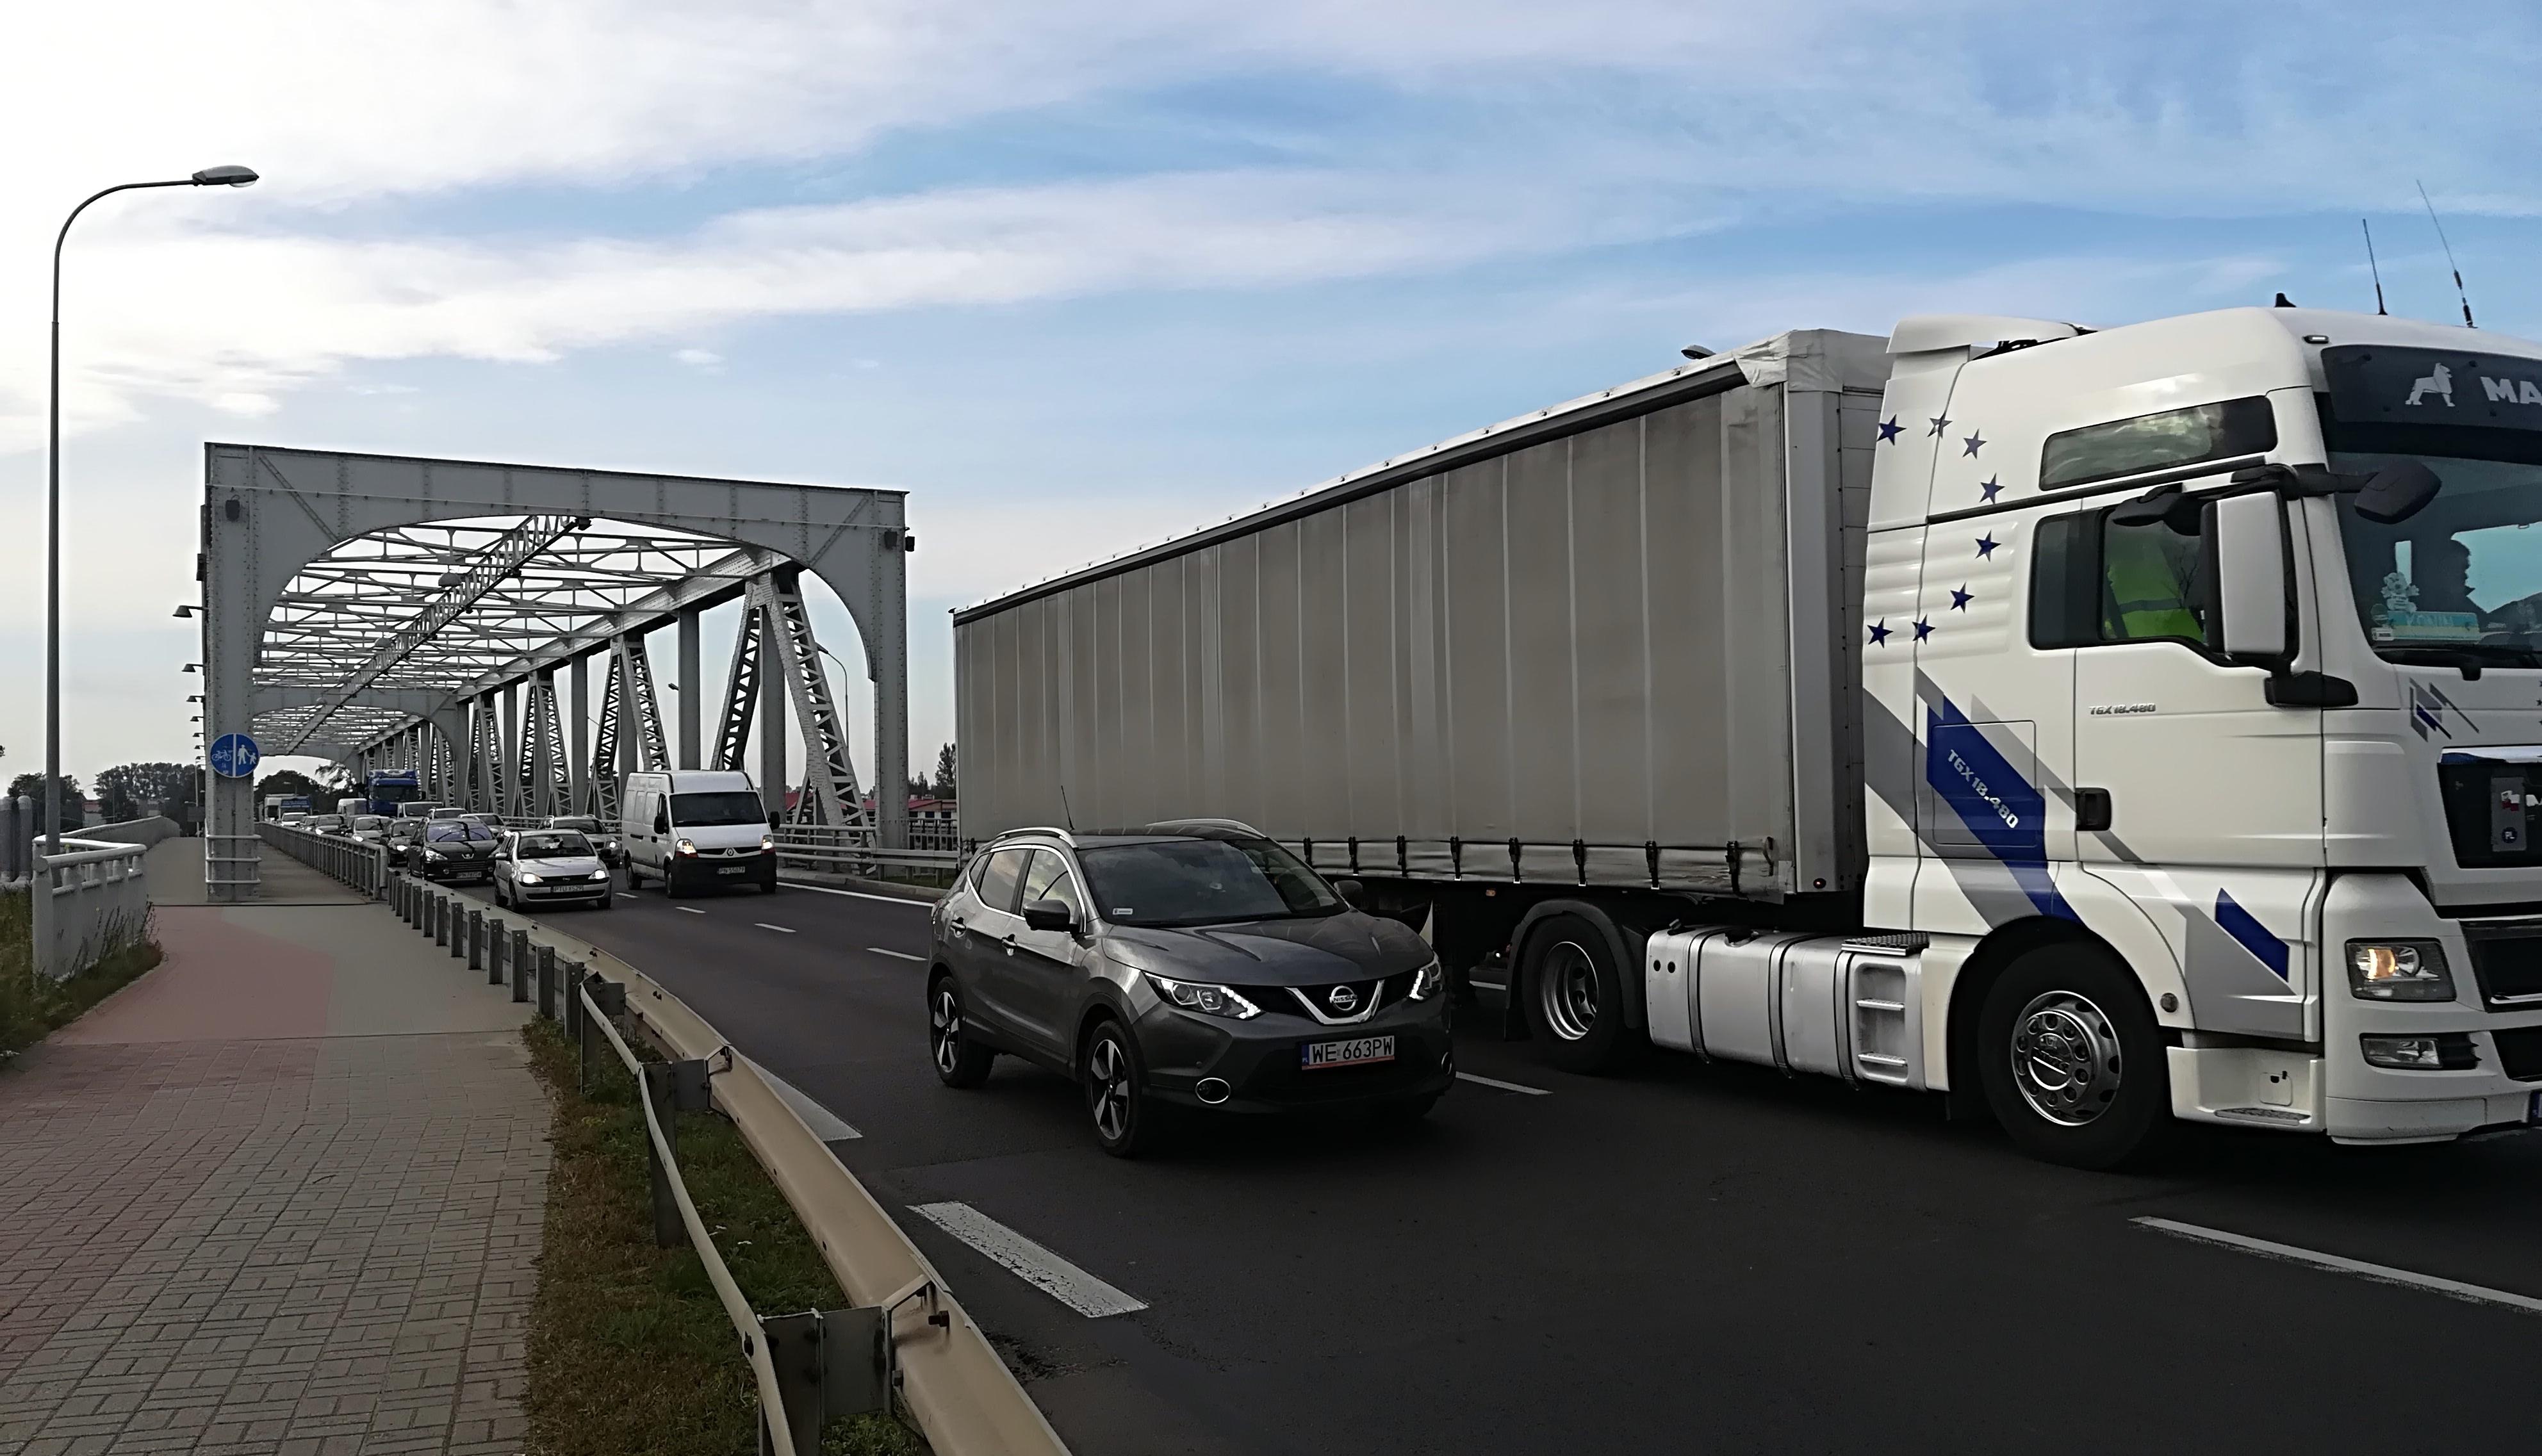 konin most zamkniety - Aleksandra Braciszewska-Benkahla